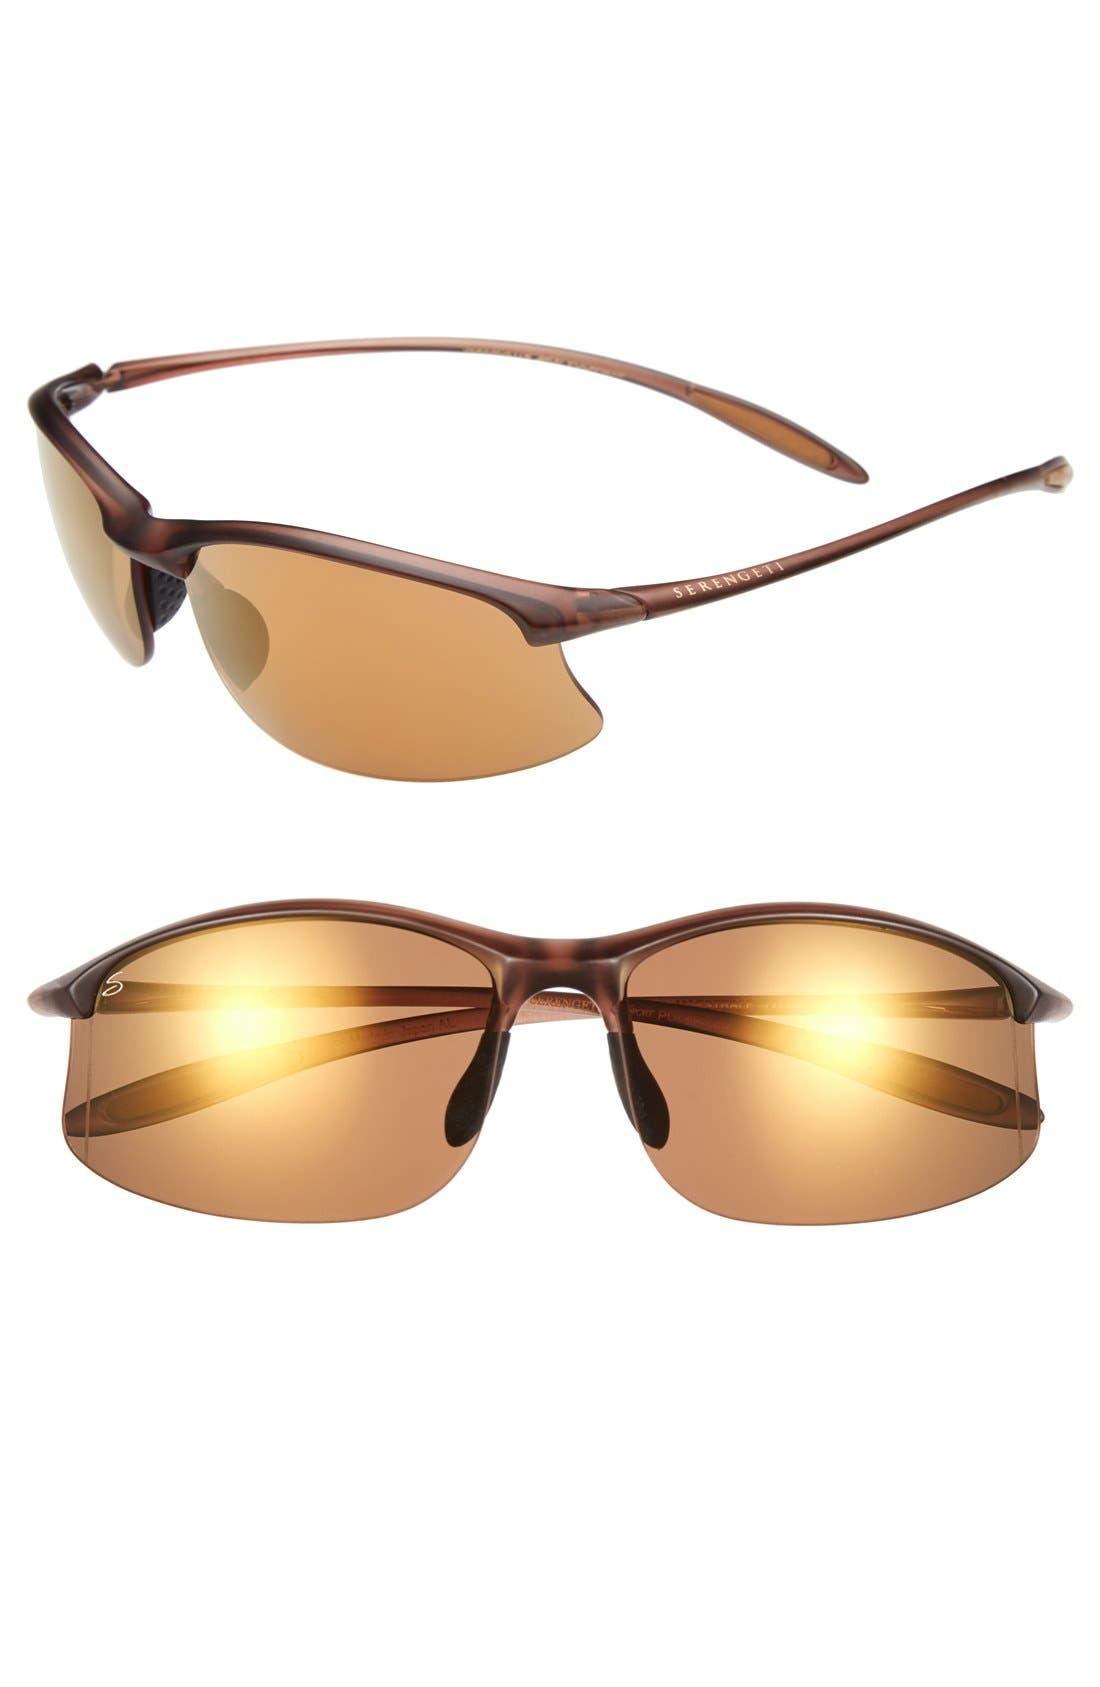 Alternate Image 1 Selected - Serengeti 'Maestrale' 65mm Polarized Sunglasses